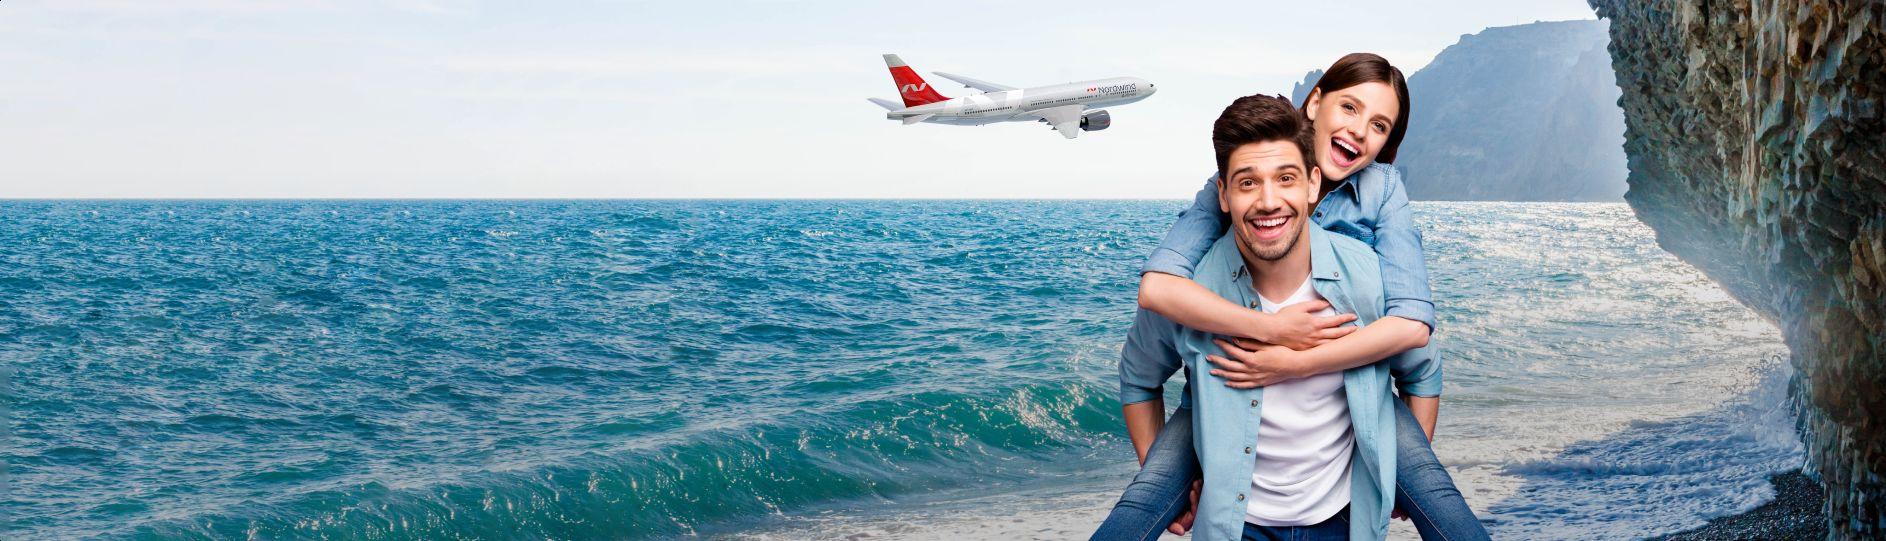 Полеты из Ярославля в Крым возобновят летом